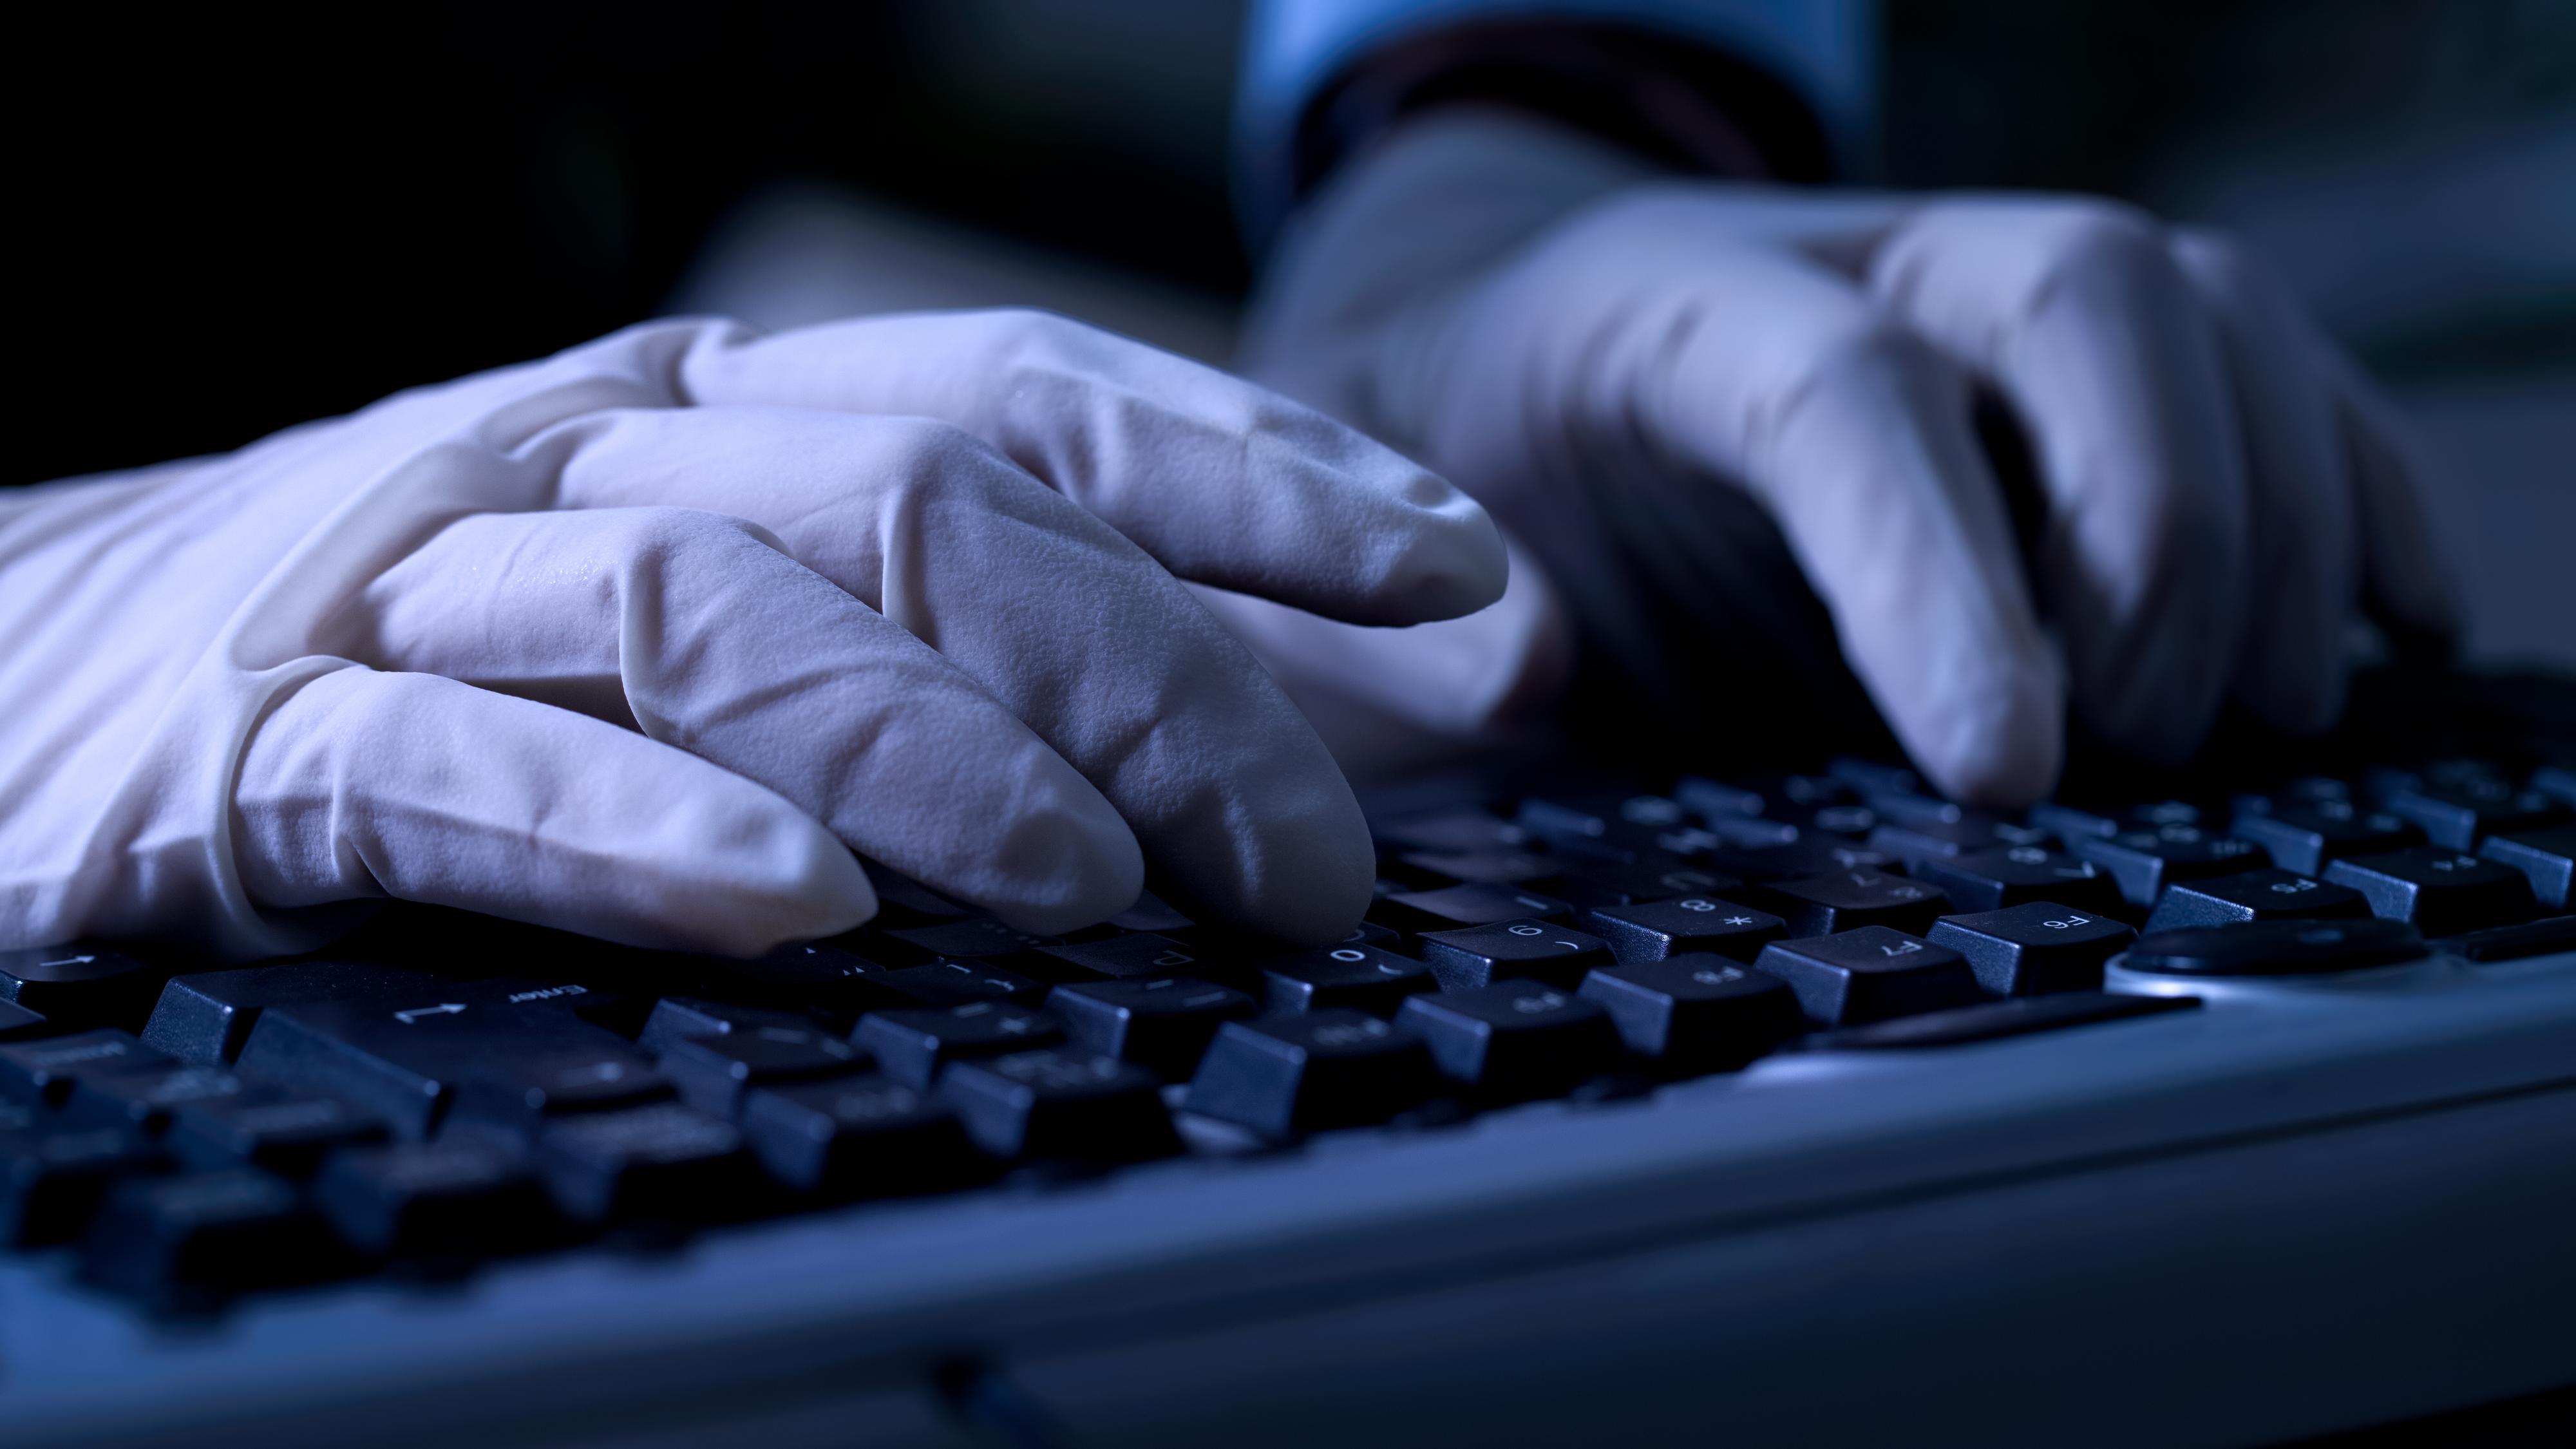 Nå finnes det en dataorm som angriper «firmwaren» på Mac-maskiner